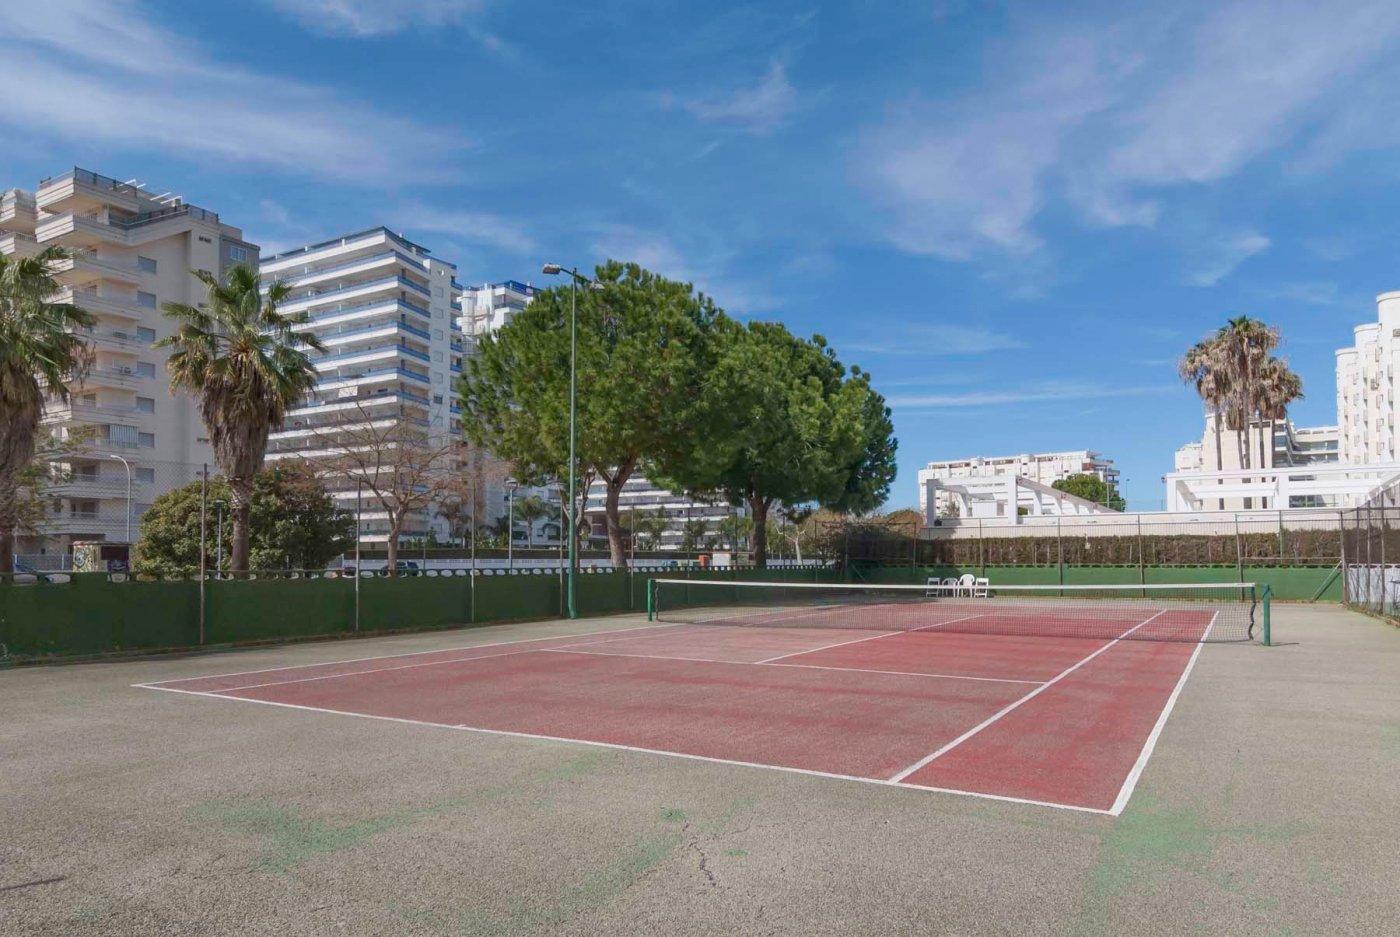 Apartamento en residencial tranquilo con parques, jardines, piscina comunitaria. - imagenInmueble9